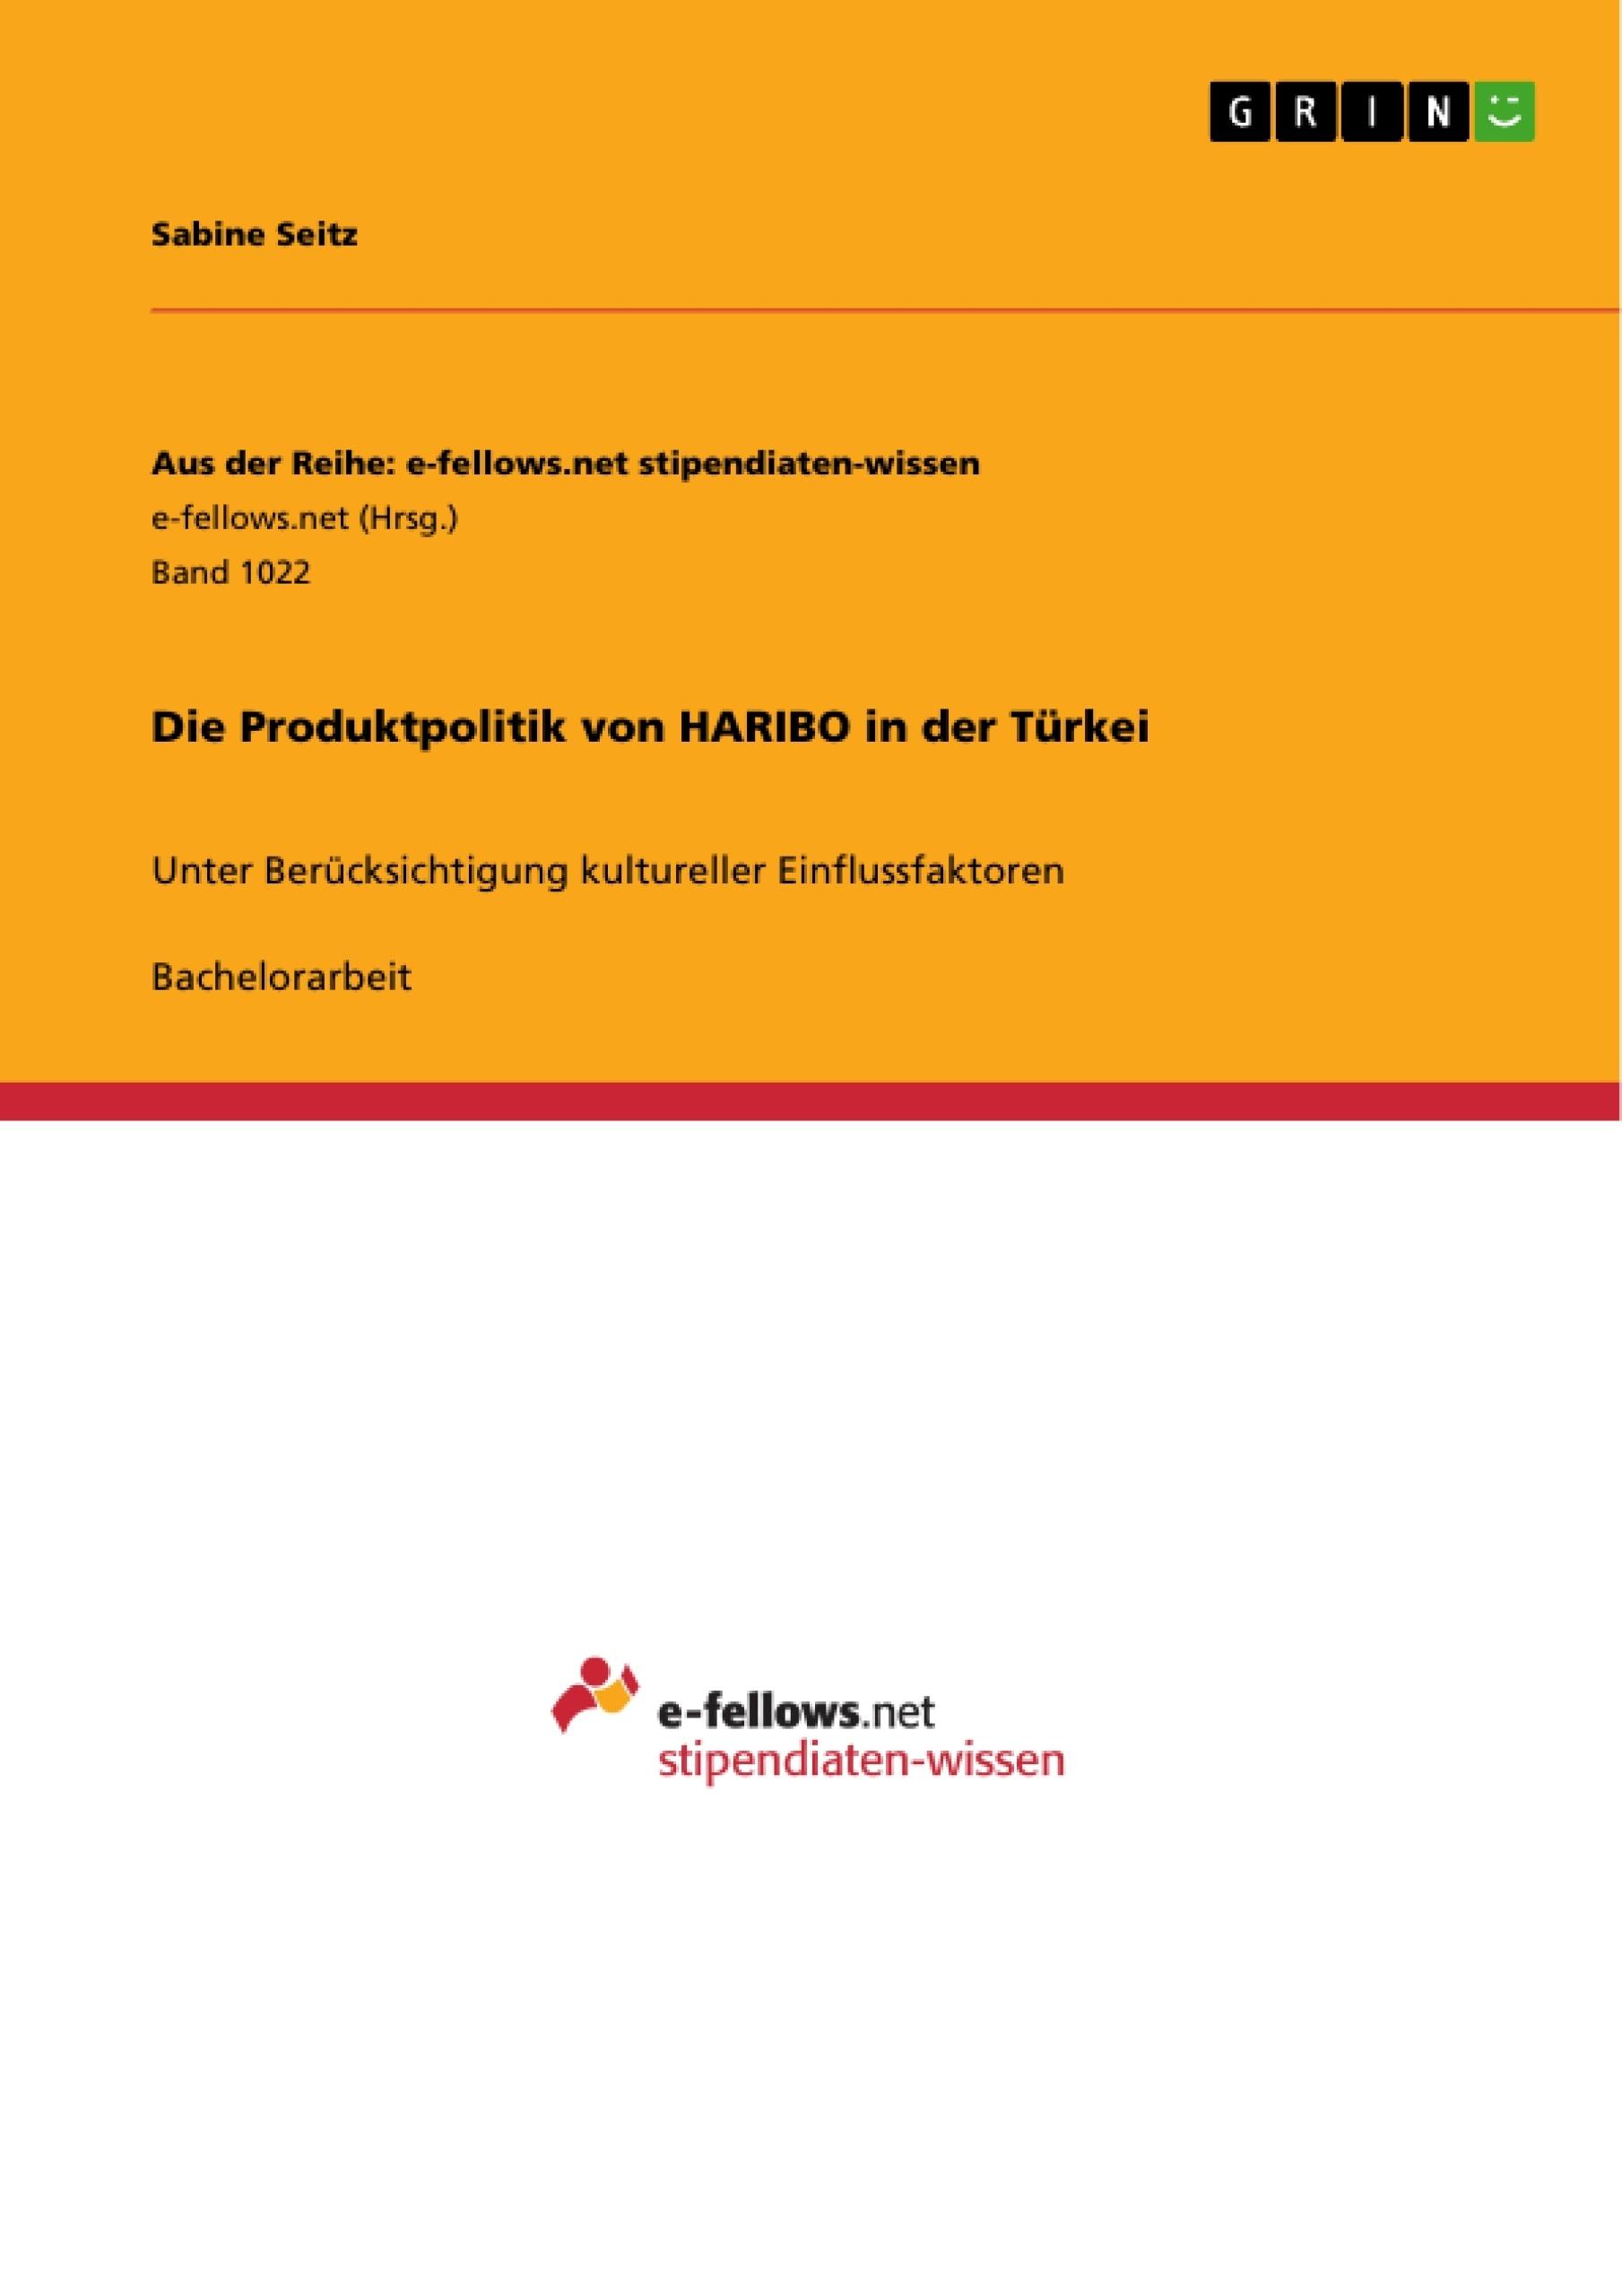 Titel: Die Produktpolitik von HARIBO in der Türkei